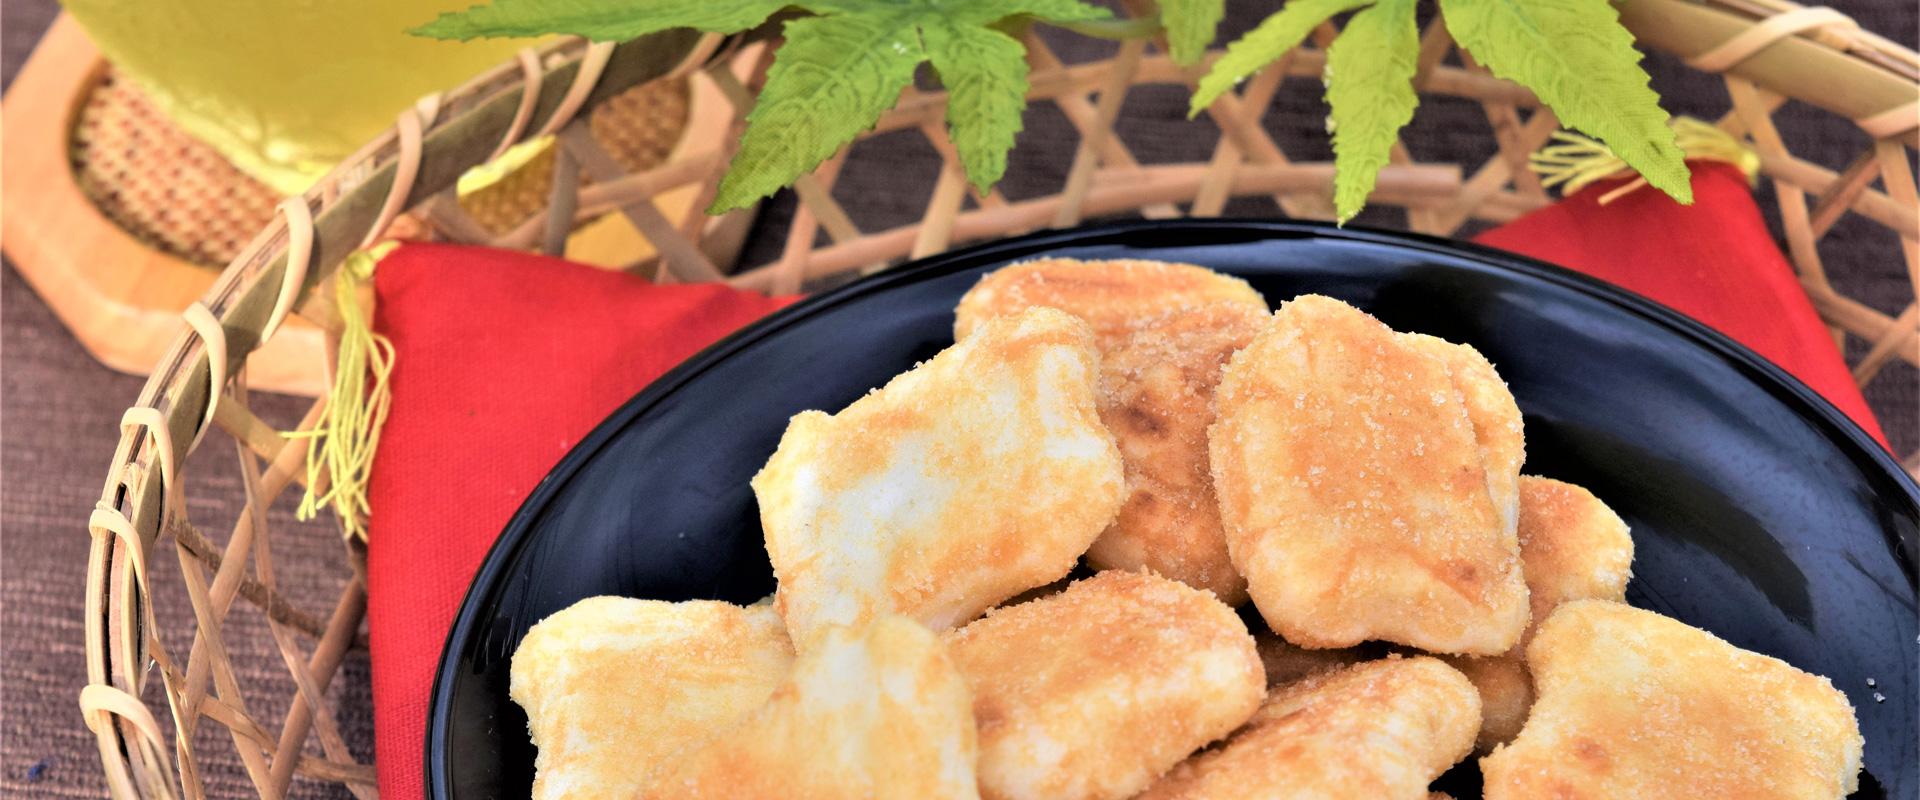 米菓桃の屋 せんべい 甘醤油